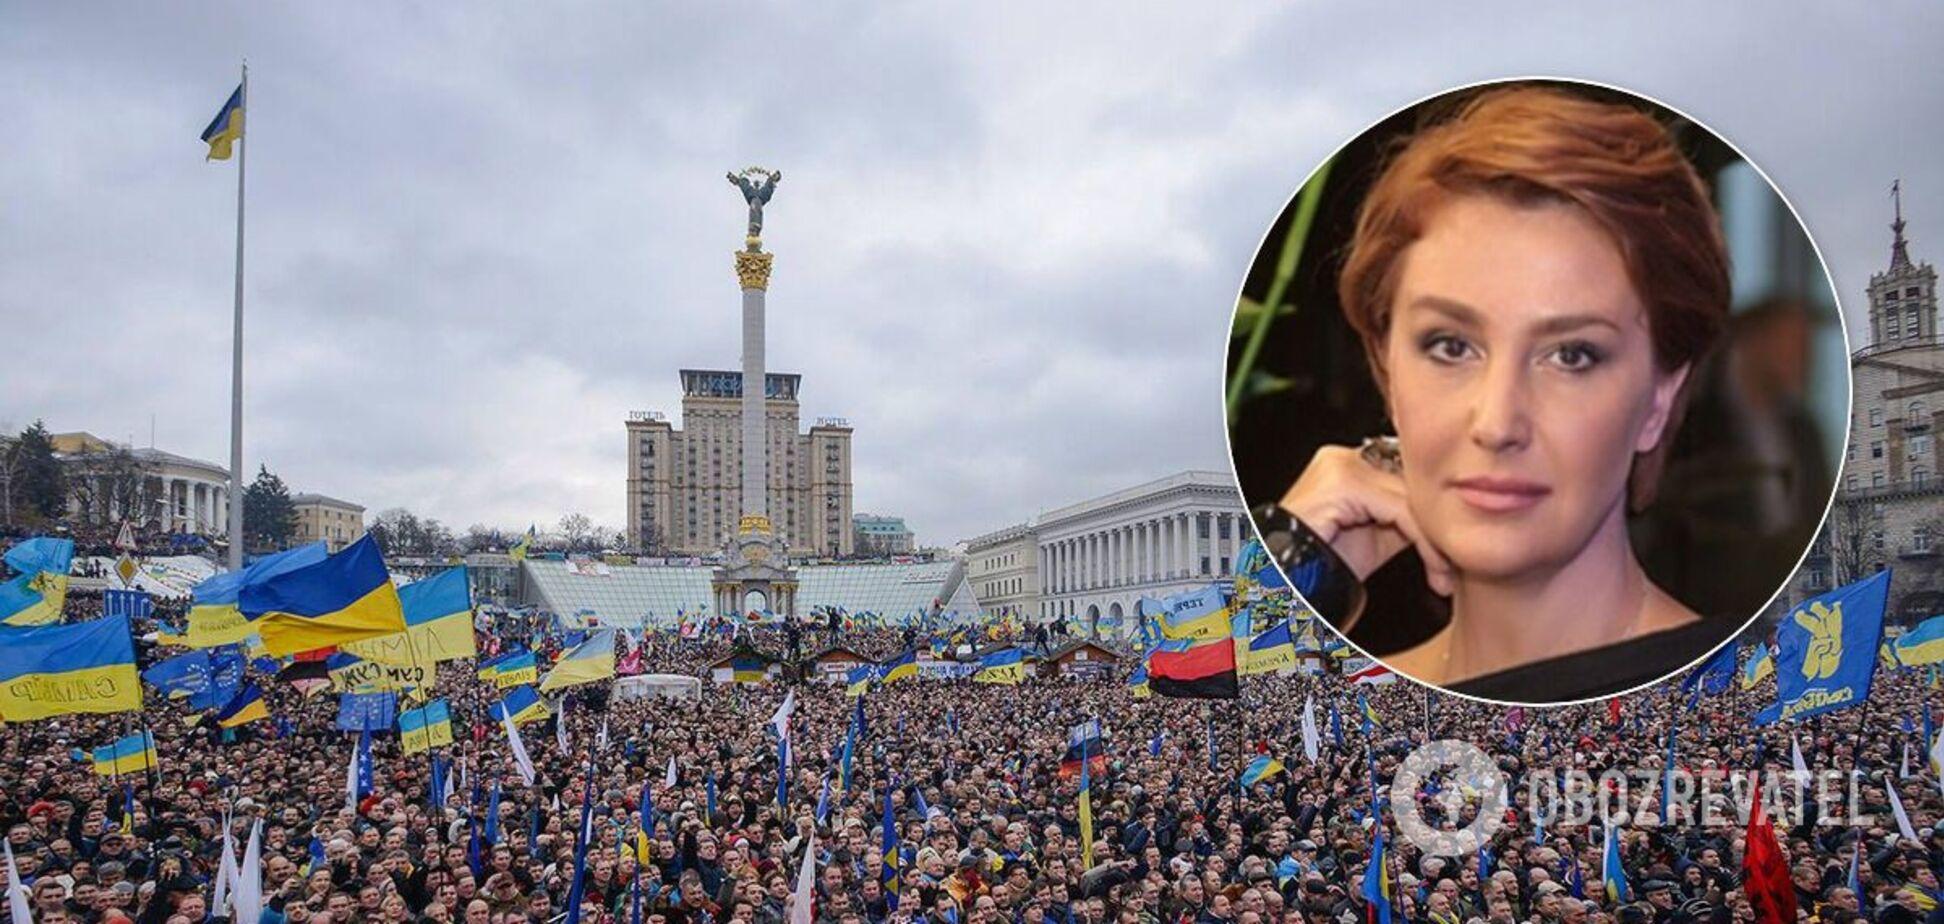 Антиукраїнські інтерв'ю Єгорової, або 'Про аборти на Майдані'